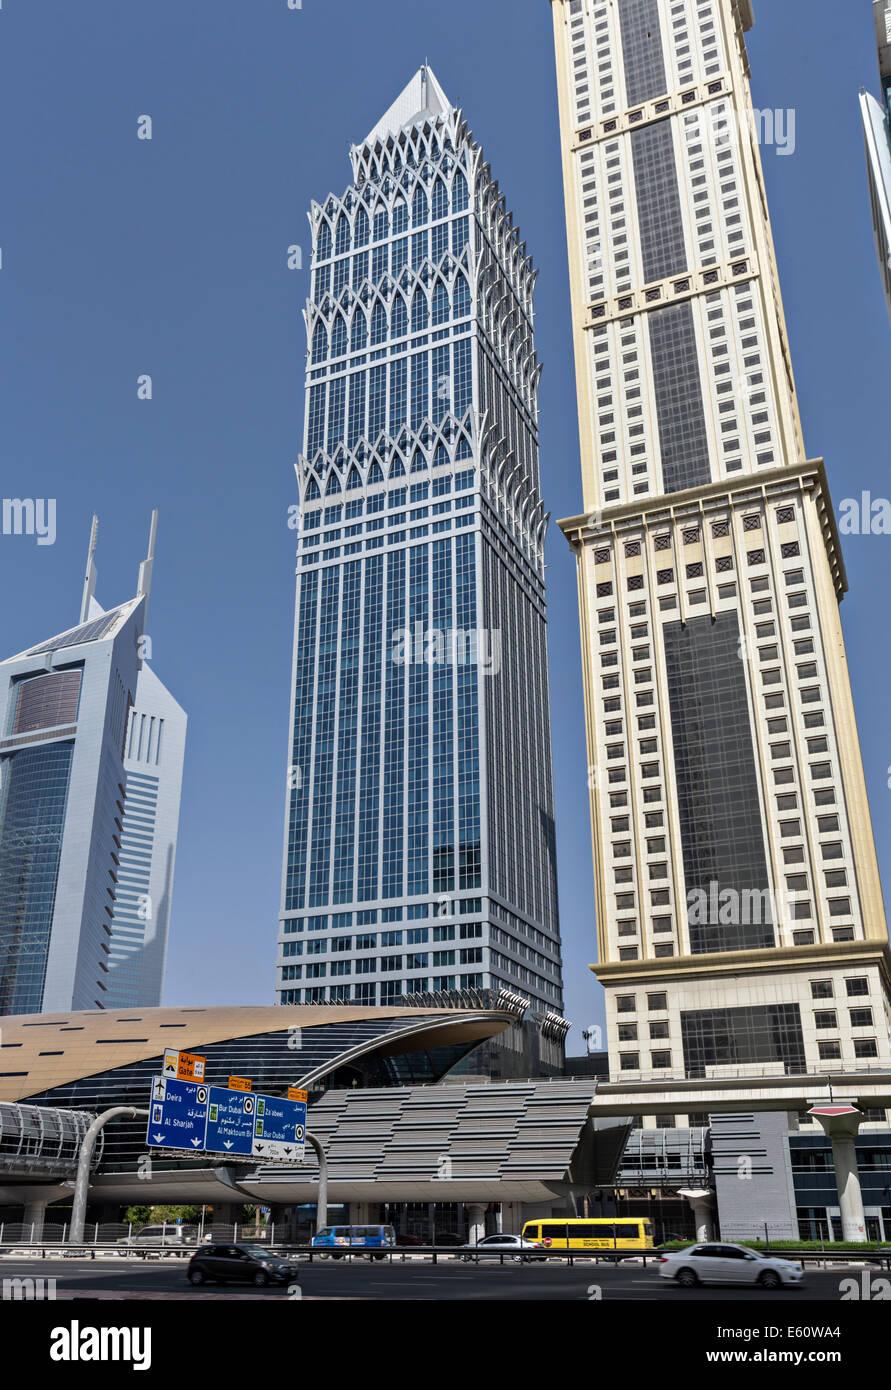 The Tower Dubai - Stock Image